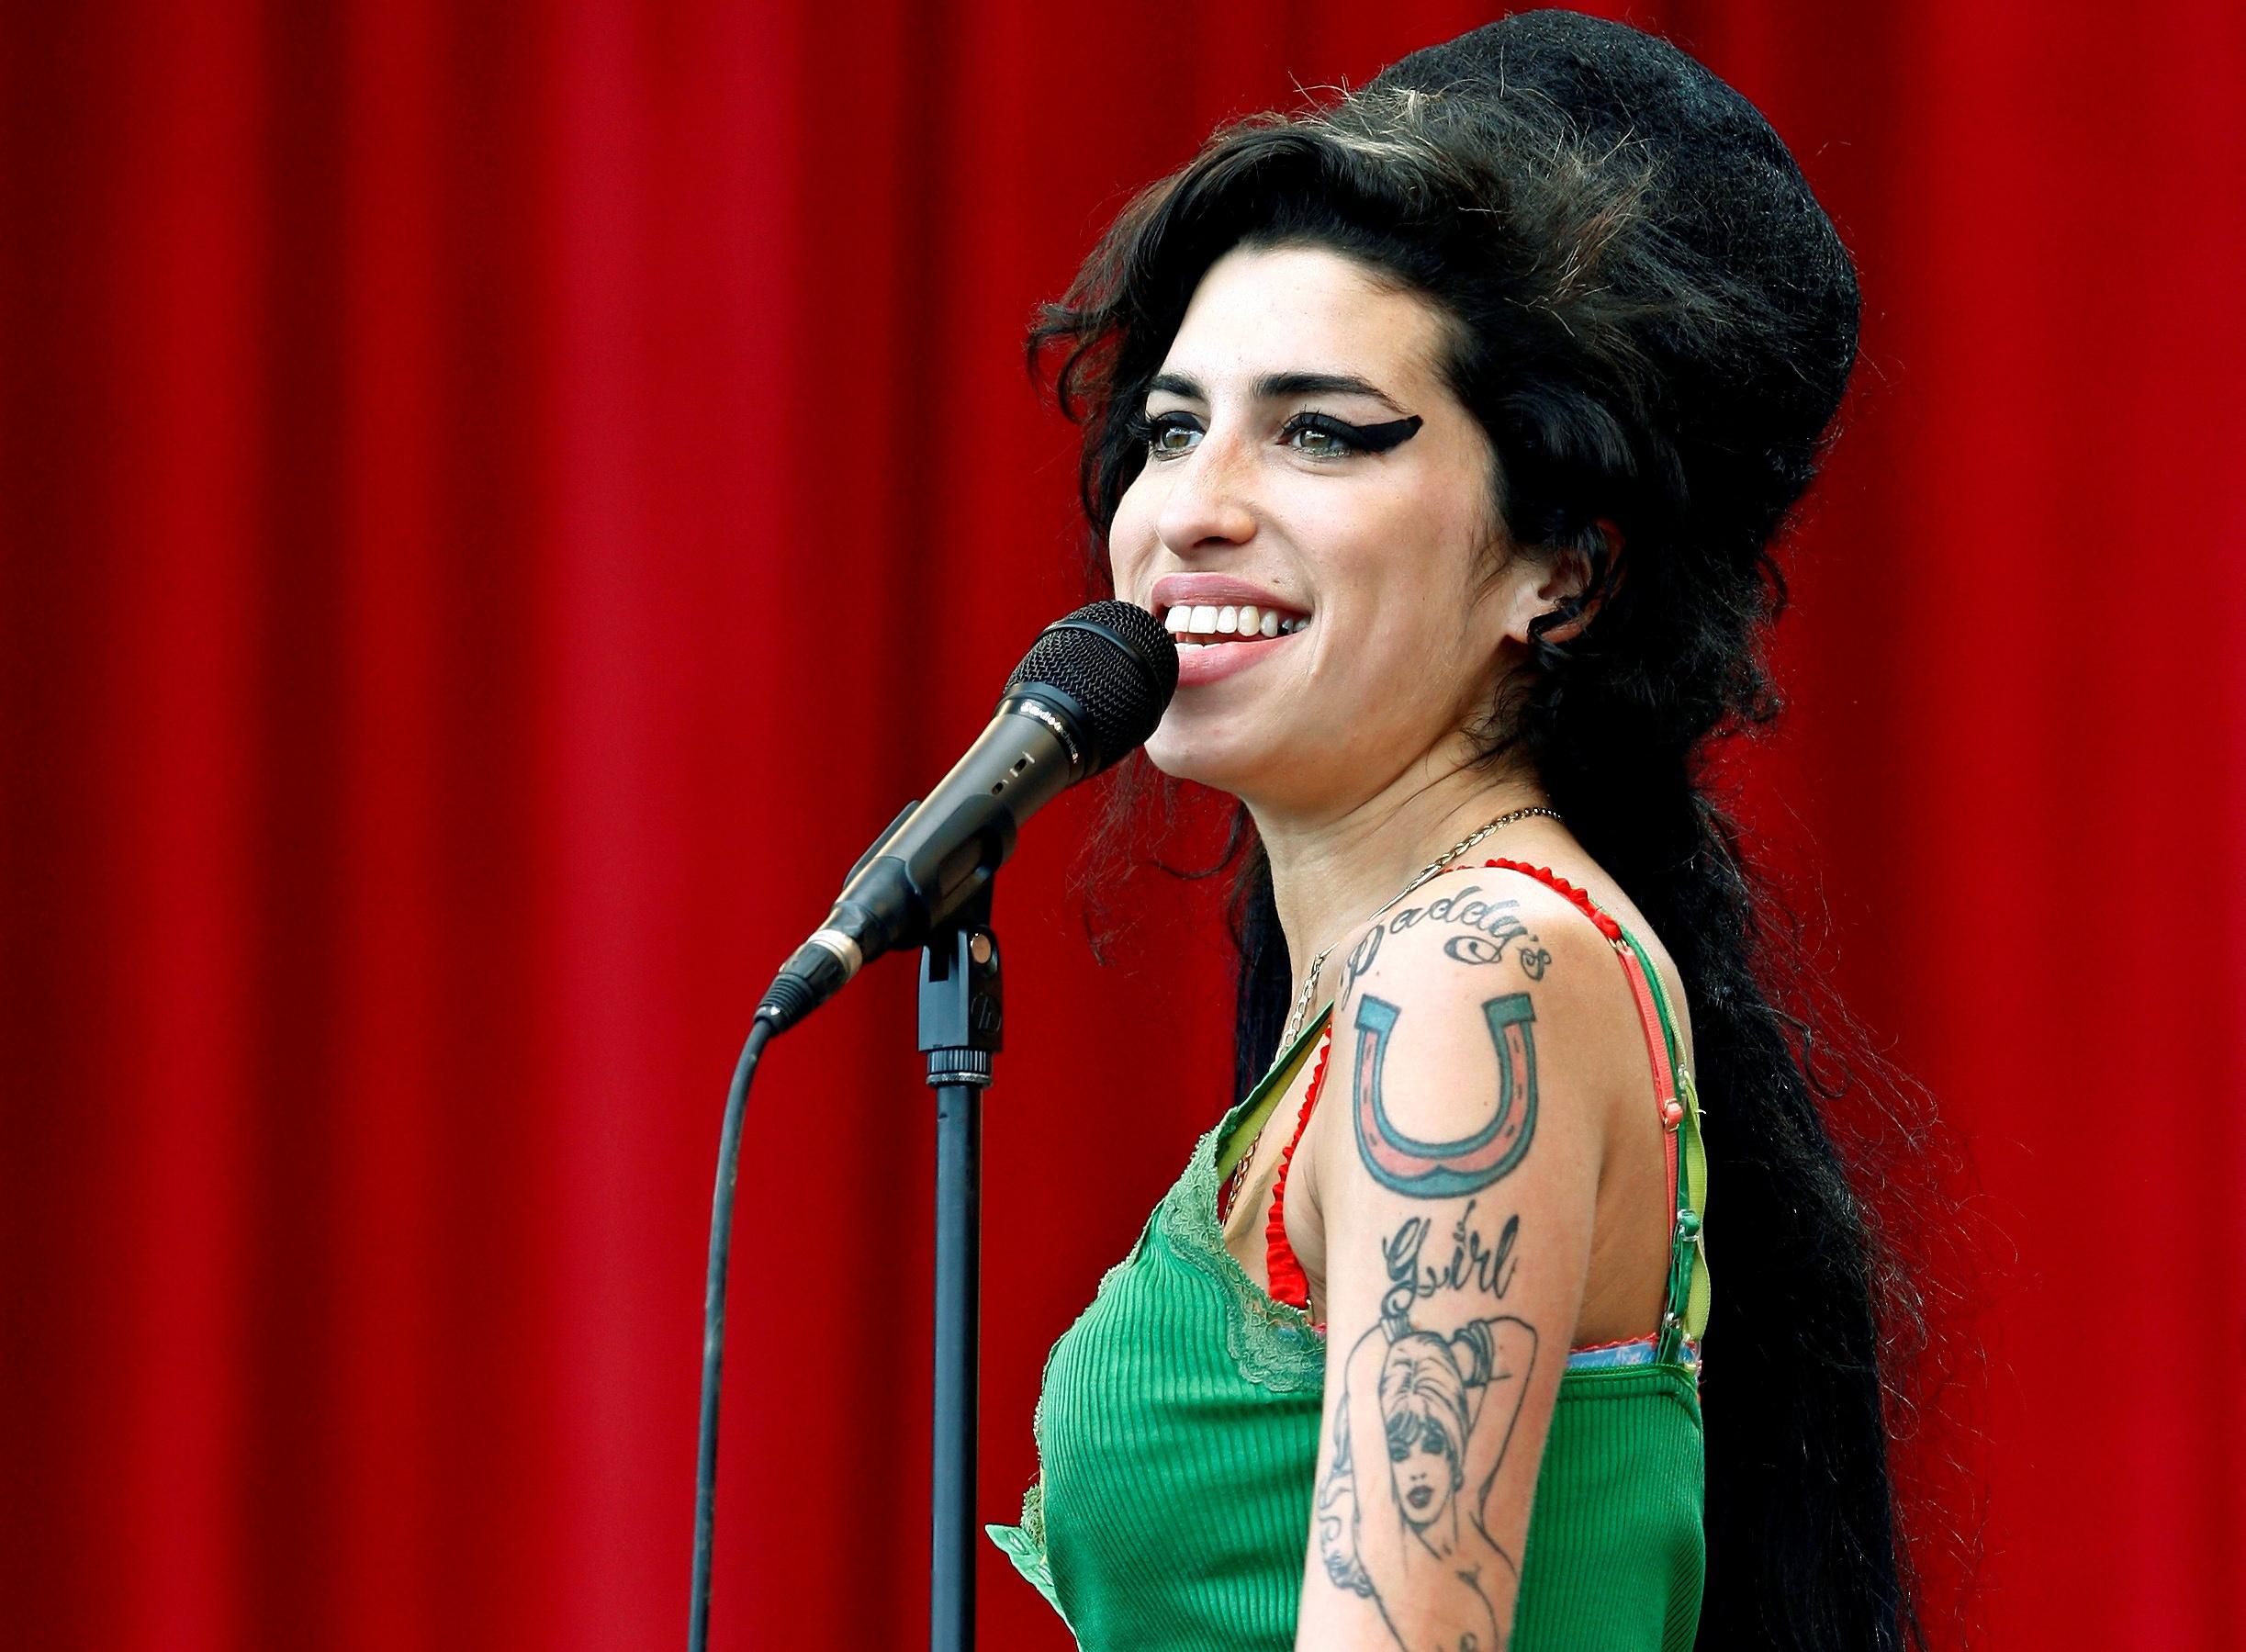 Amy Winehouse en una actuación en el Festival de Música de Glastonbury en Somerset, en junio de 2007.